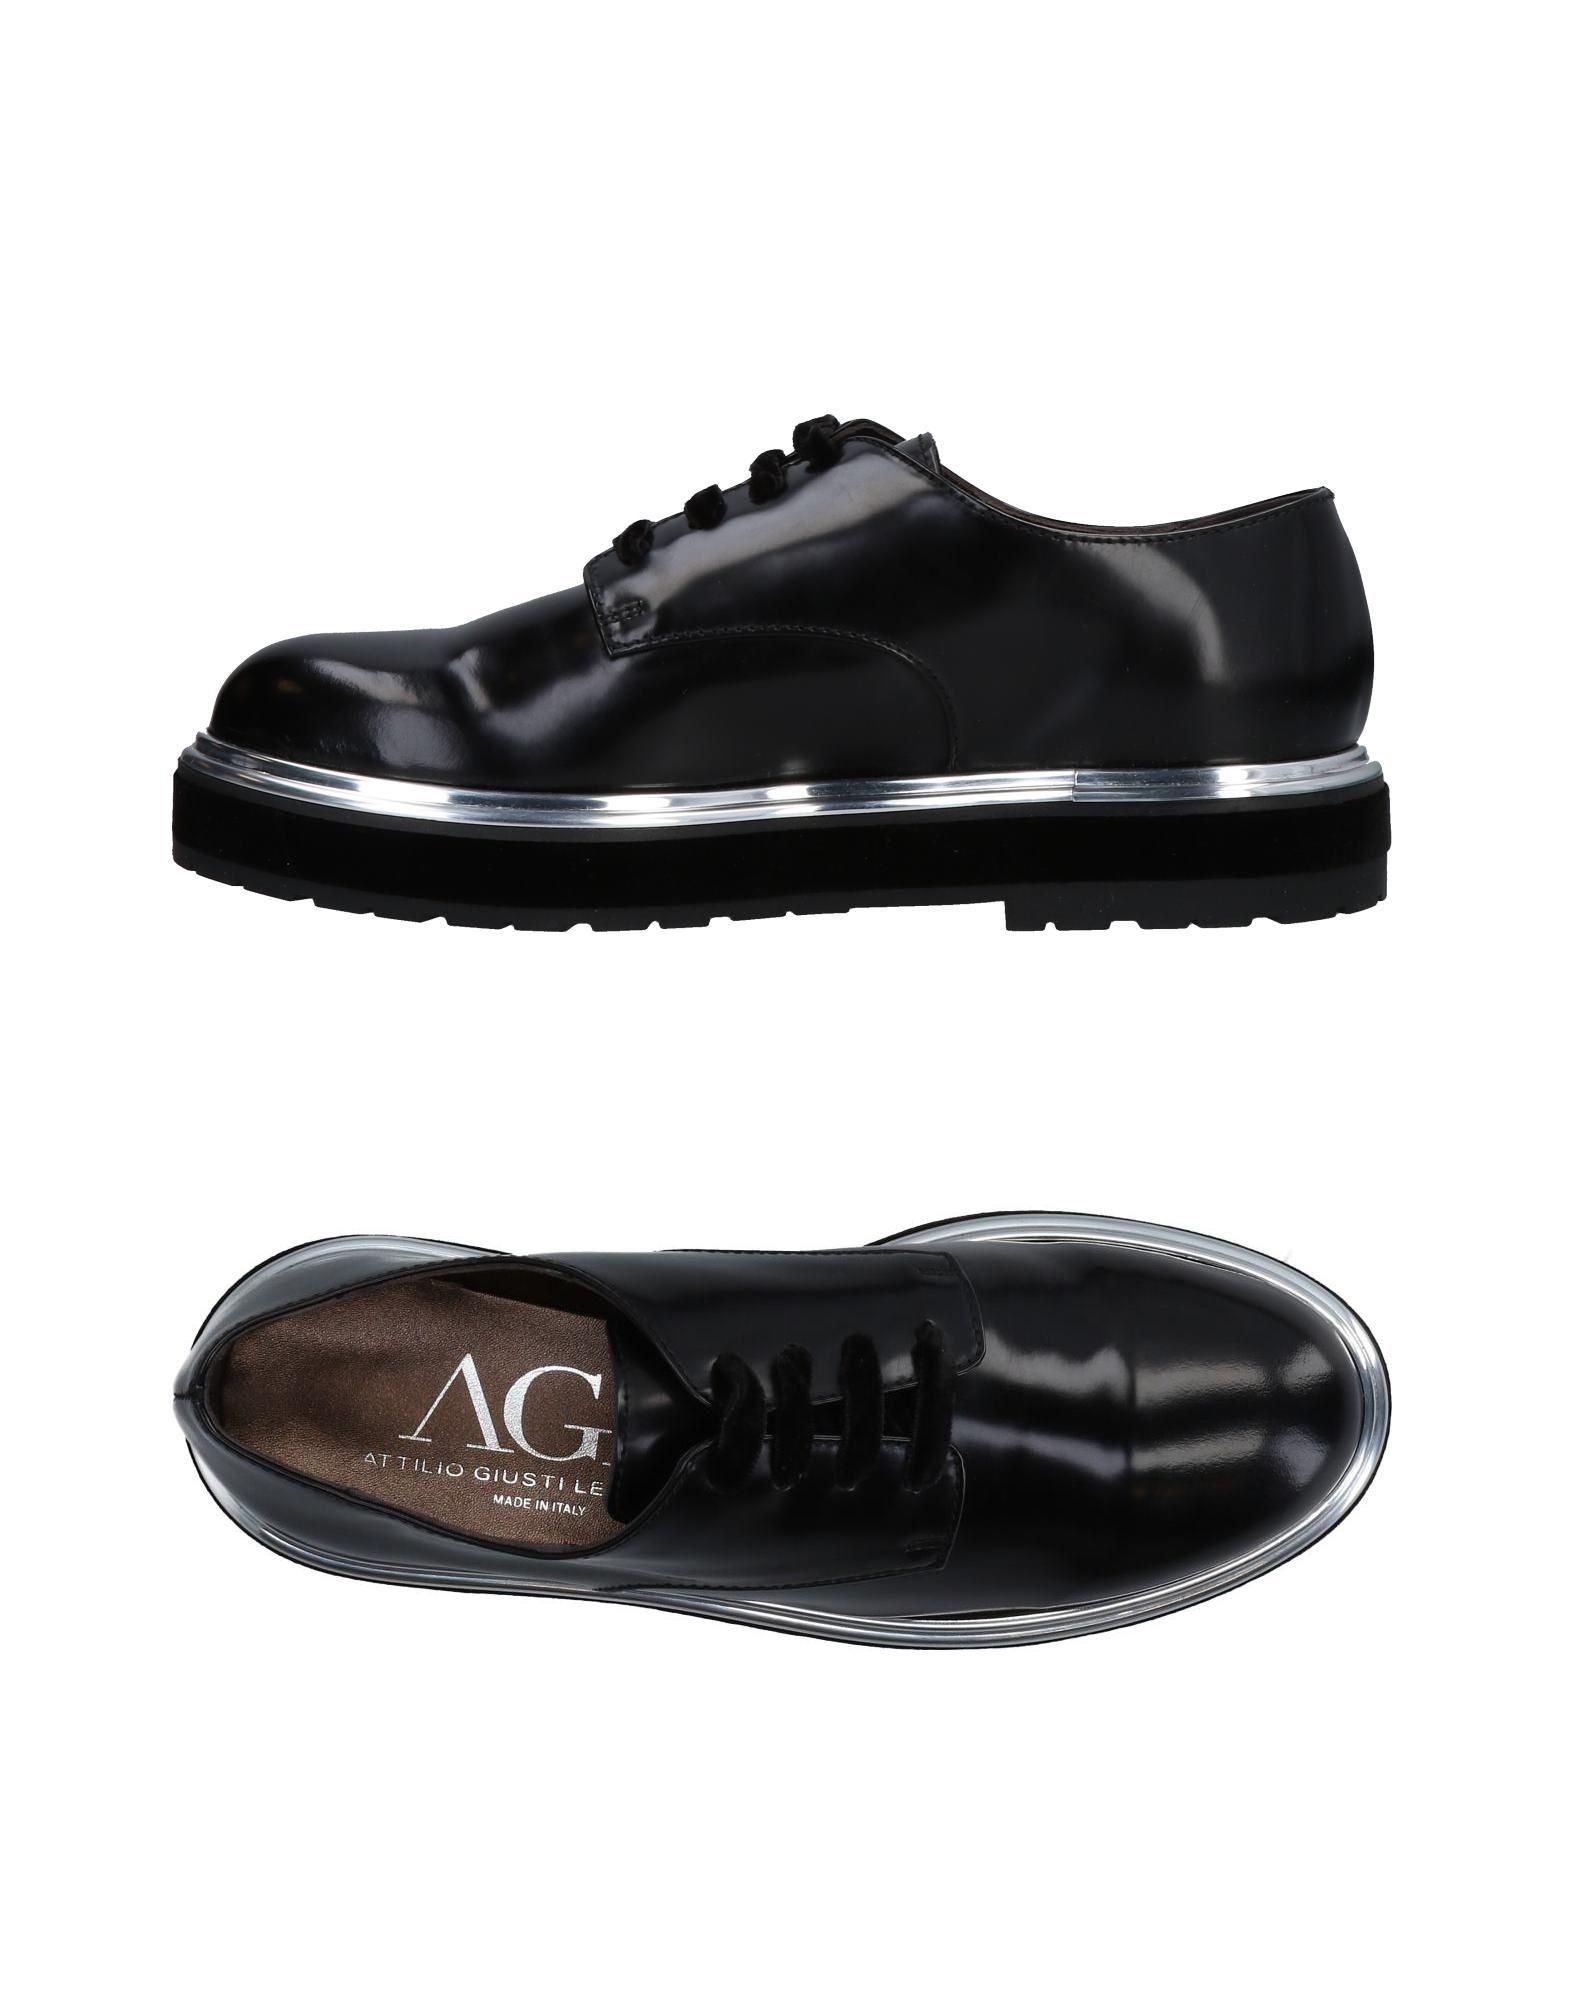 Agl Attilio Giusti Leombruni Schnürschuhe Damen  11470132HAGut aussehende strapazierfähige Schuhe